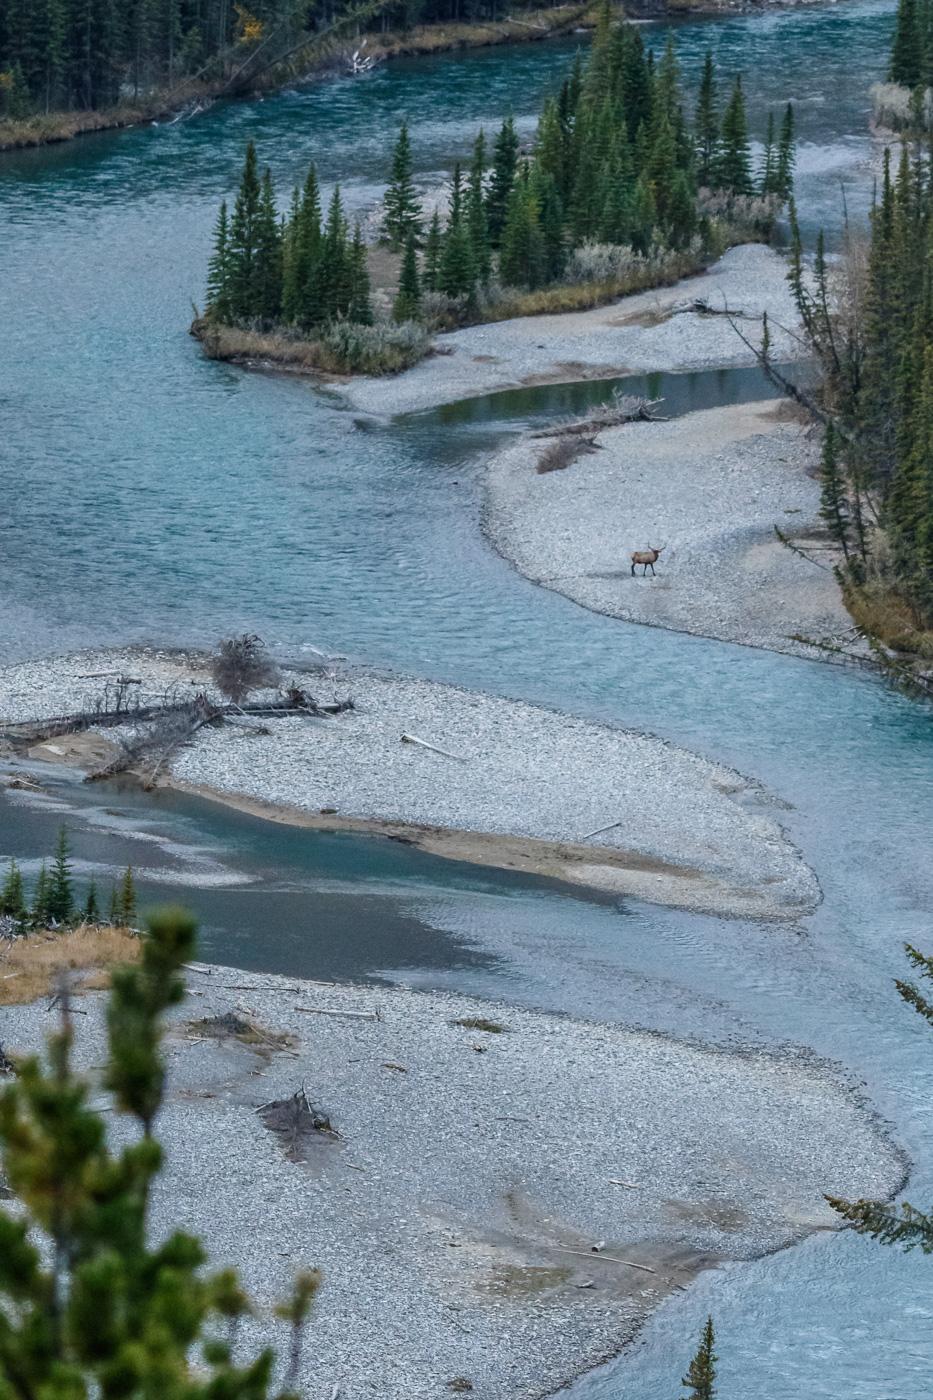 Elk (Cervus elaphus), Banff National Park, Canada. - Fauna de Nord-Amèrica - Raül Carmona - Fotografia, Fotografia d'estudi, esdeveniments i Natura